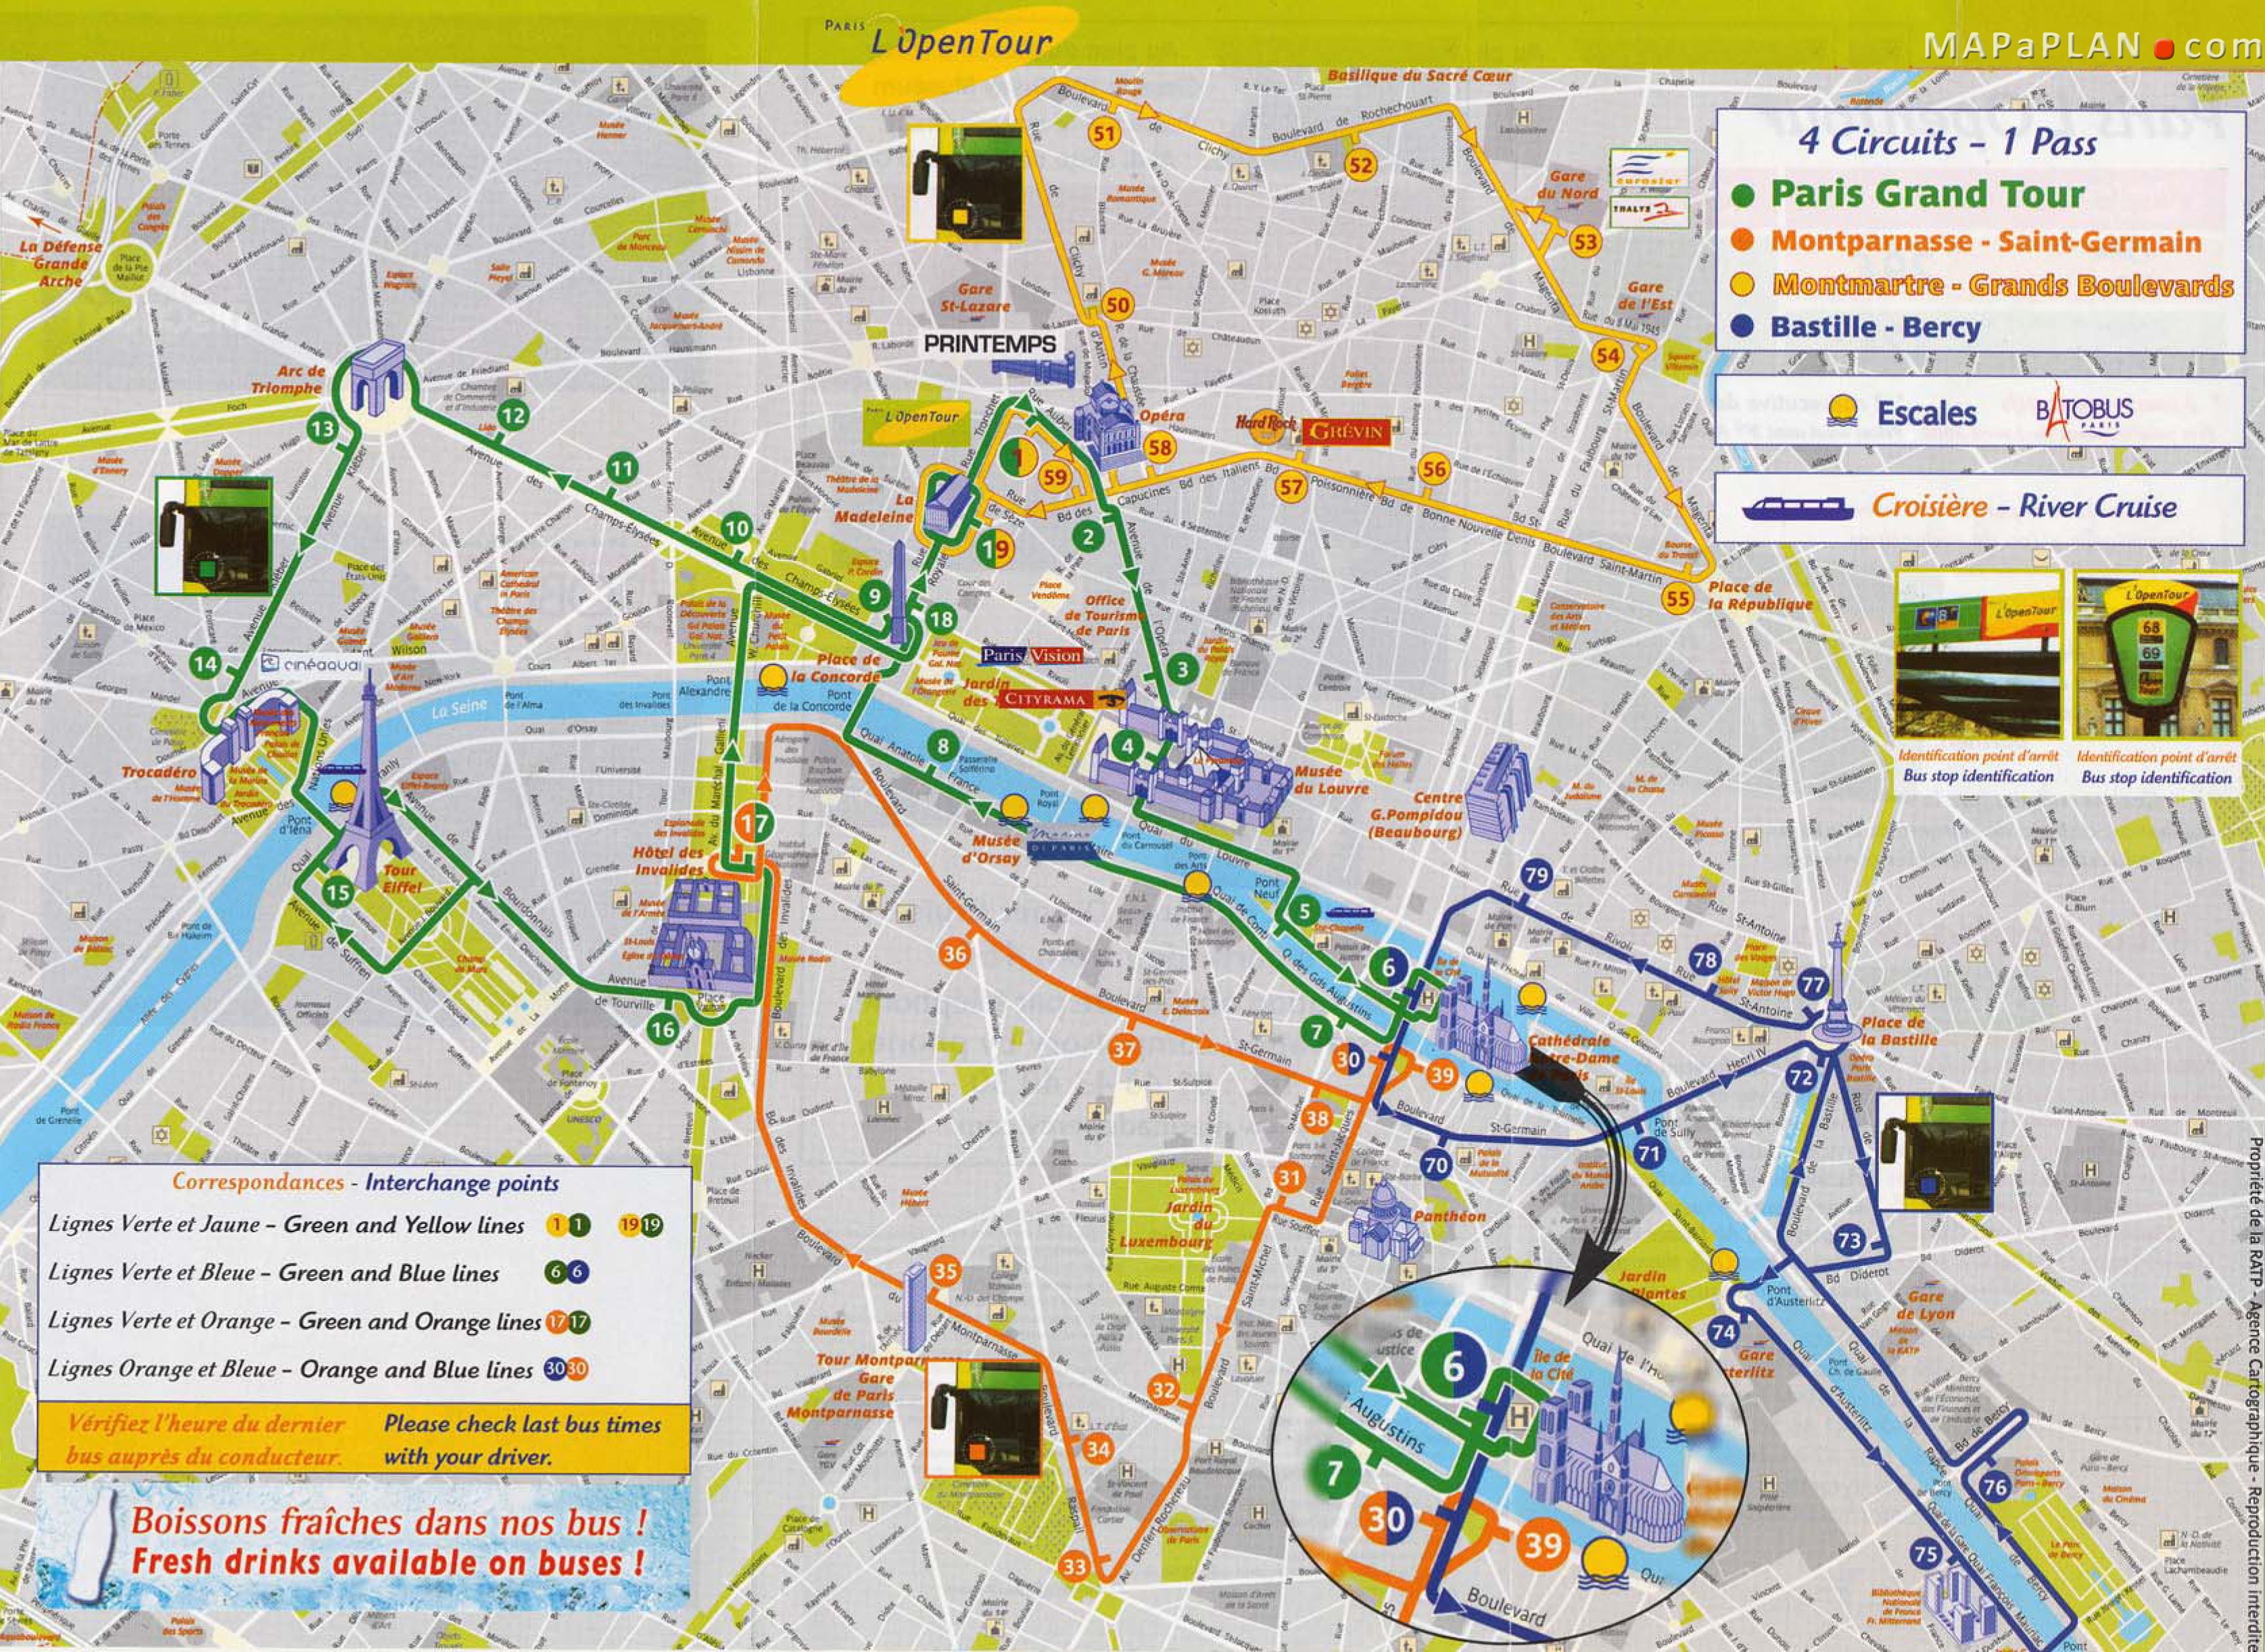 Printable Tourist Map Of Paris Best Of Paris One Day Trip Sights - Printable Tourist Map Of Paris France